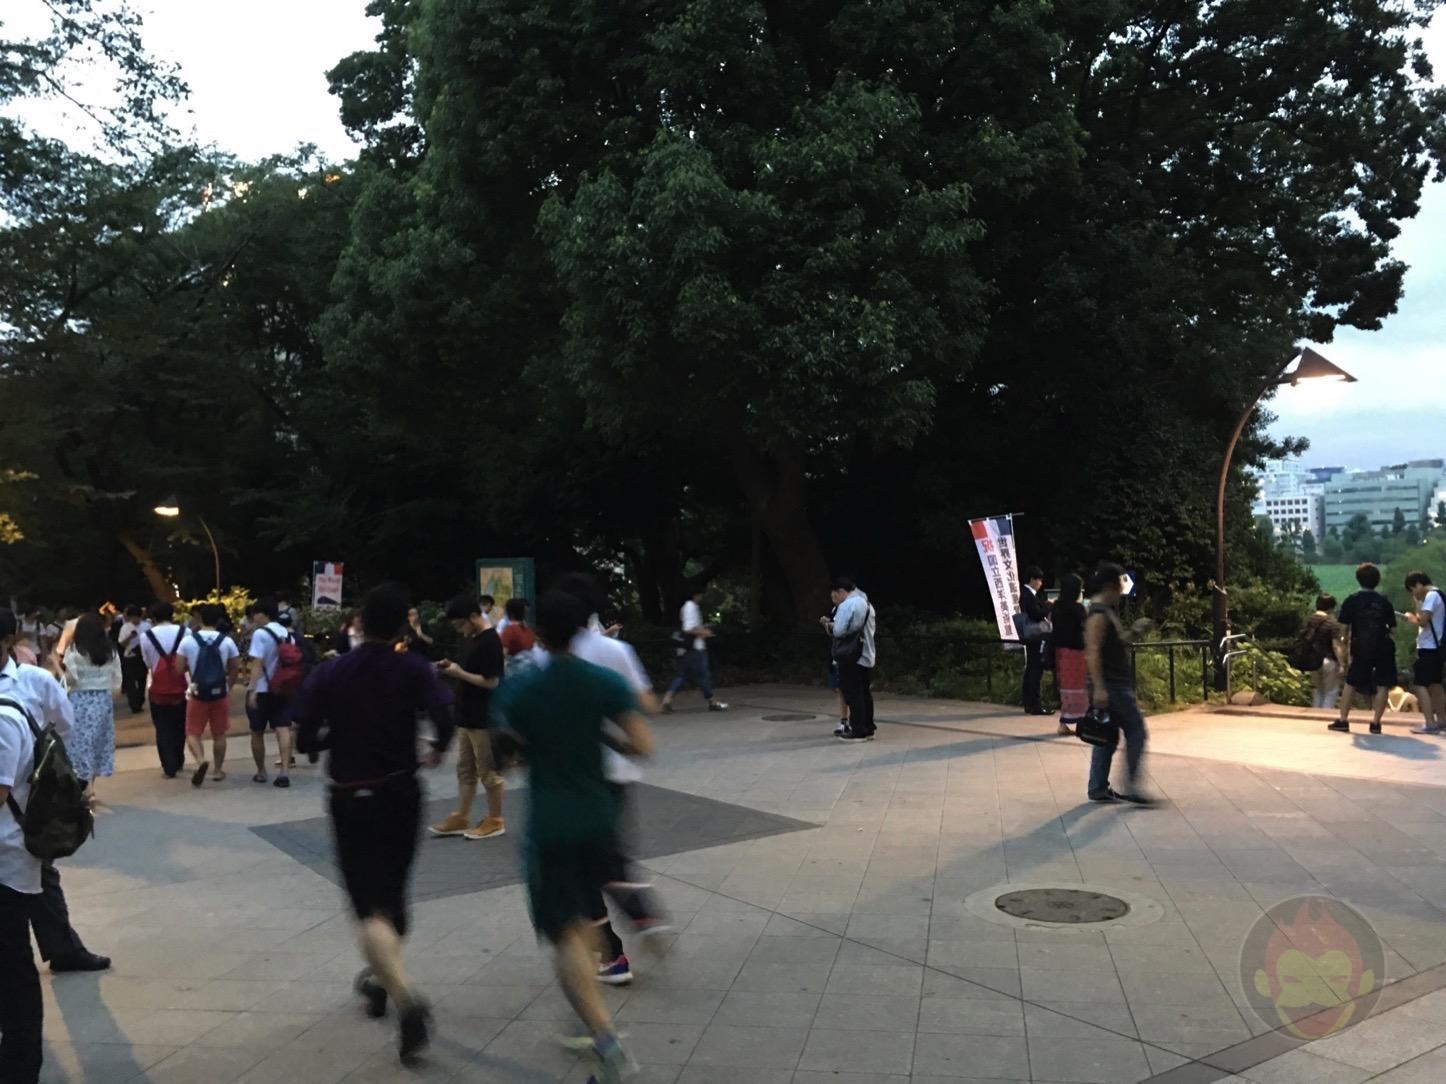 【ポケモンGO】ブーバーをゲットするなら上の公園